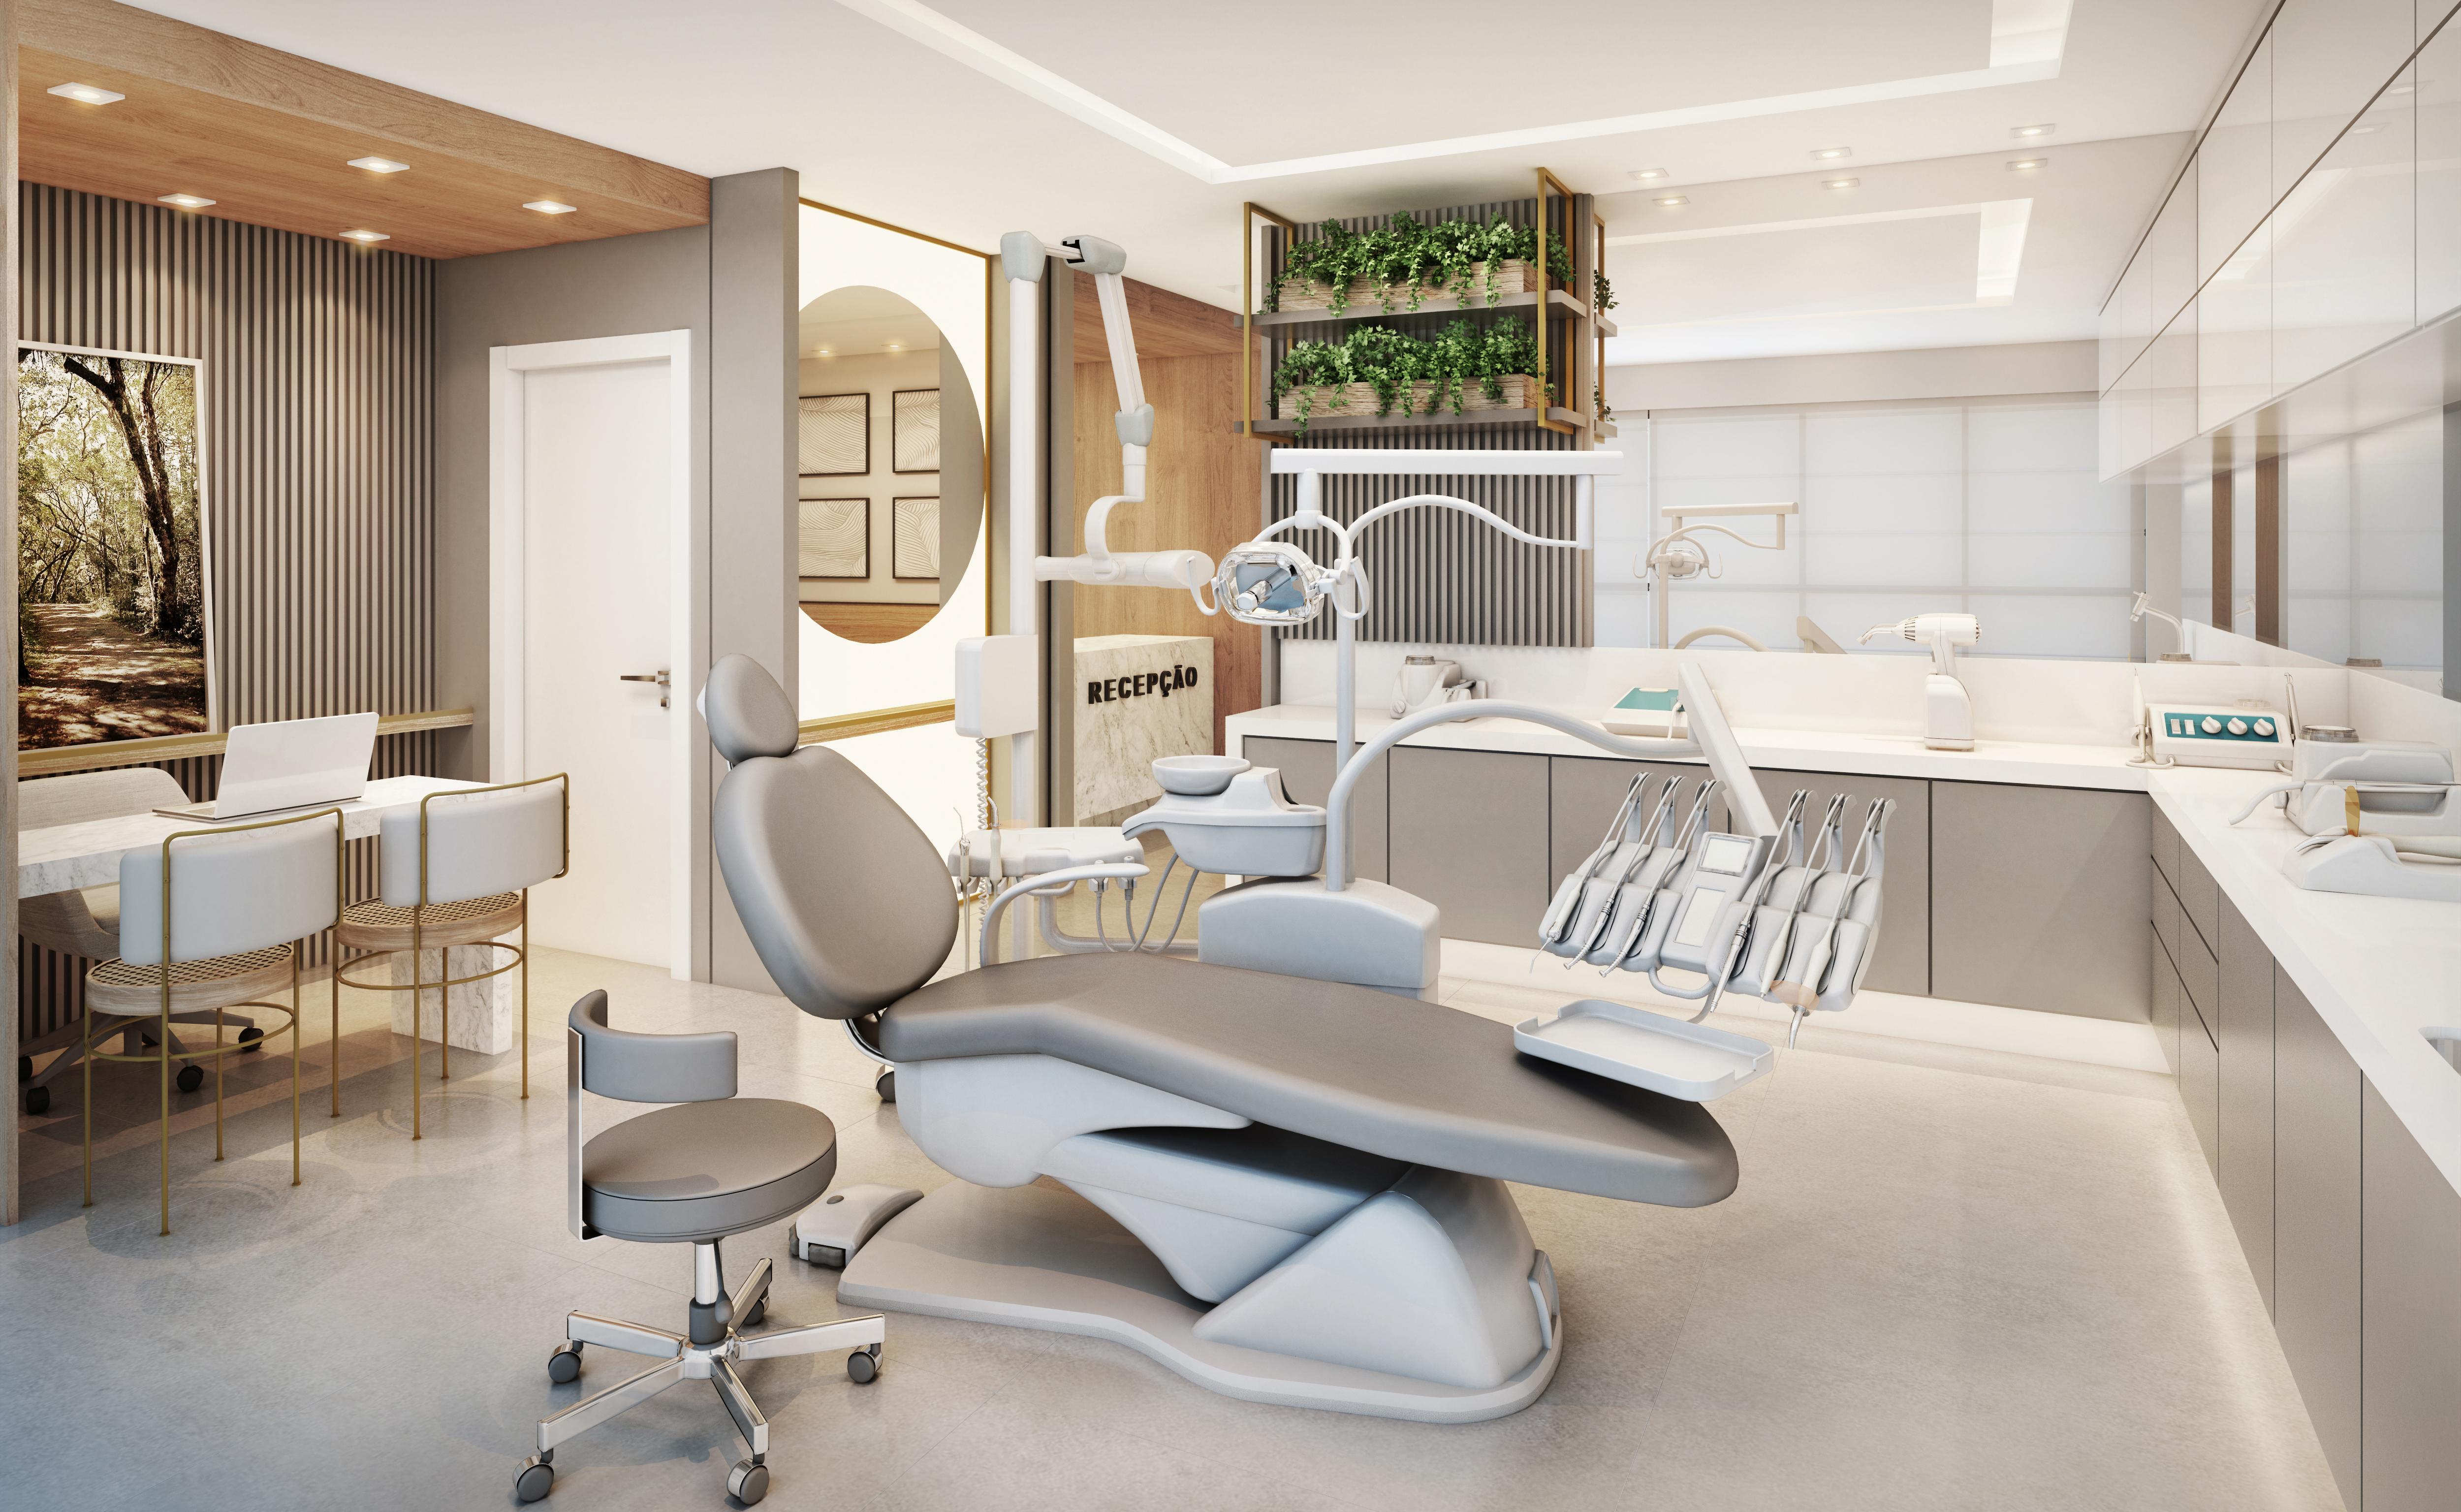 Unidades terão de 22 a 37 m², para as mais variadas práticas de saúde.